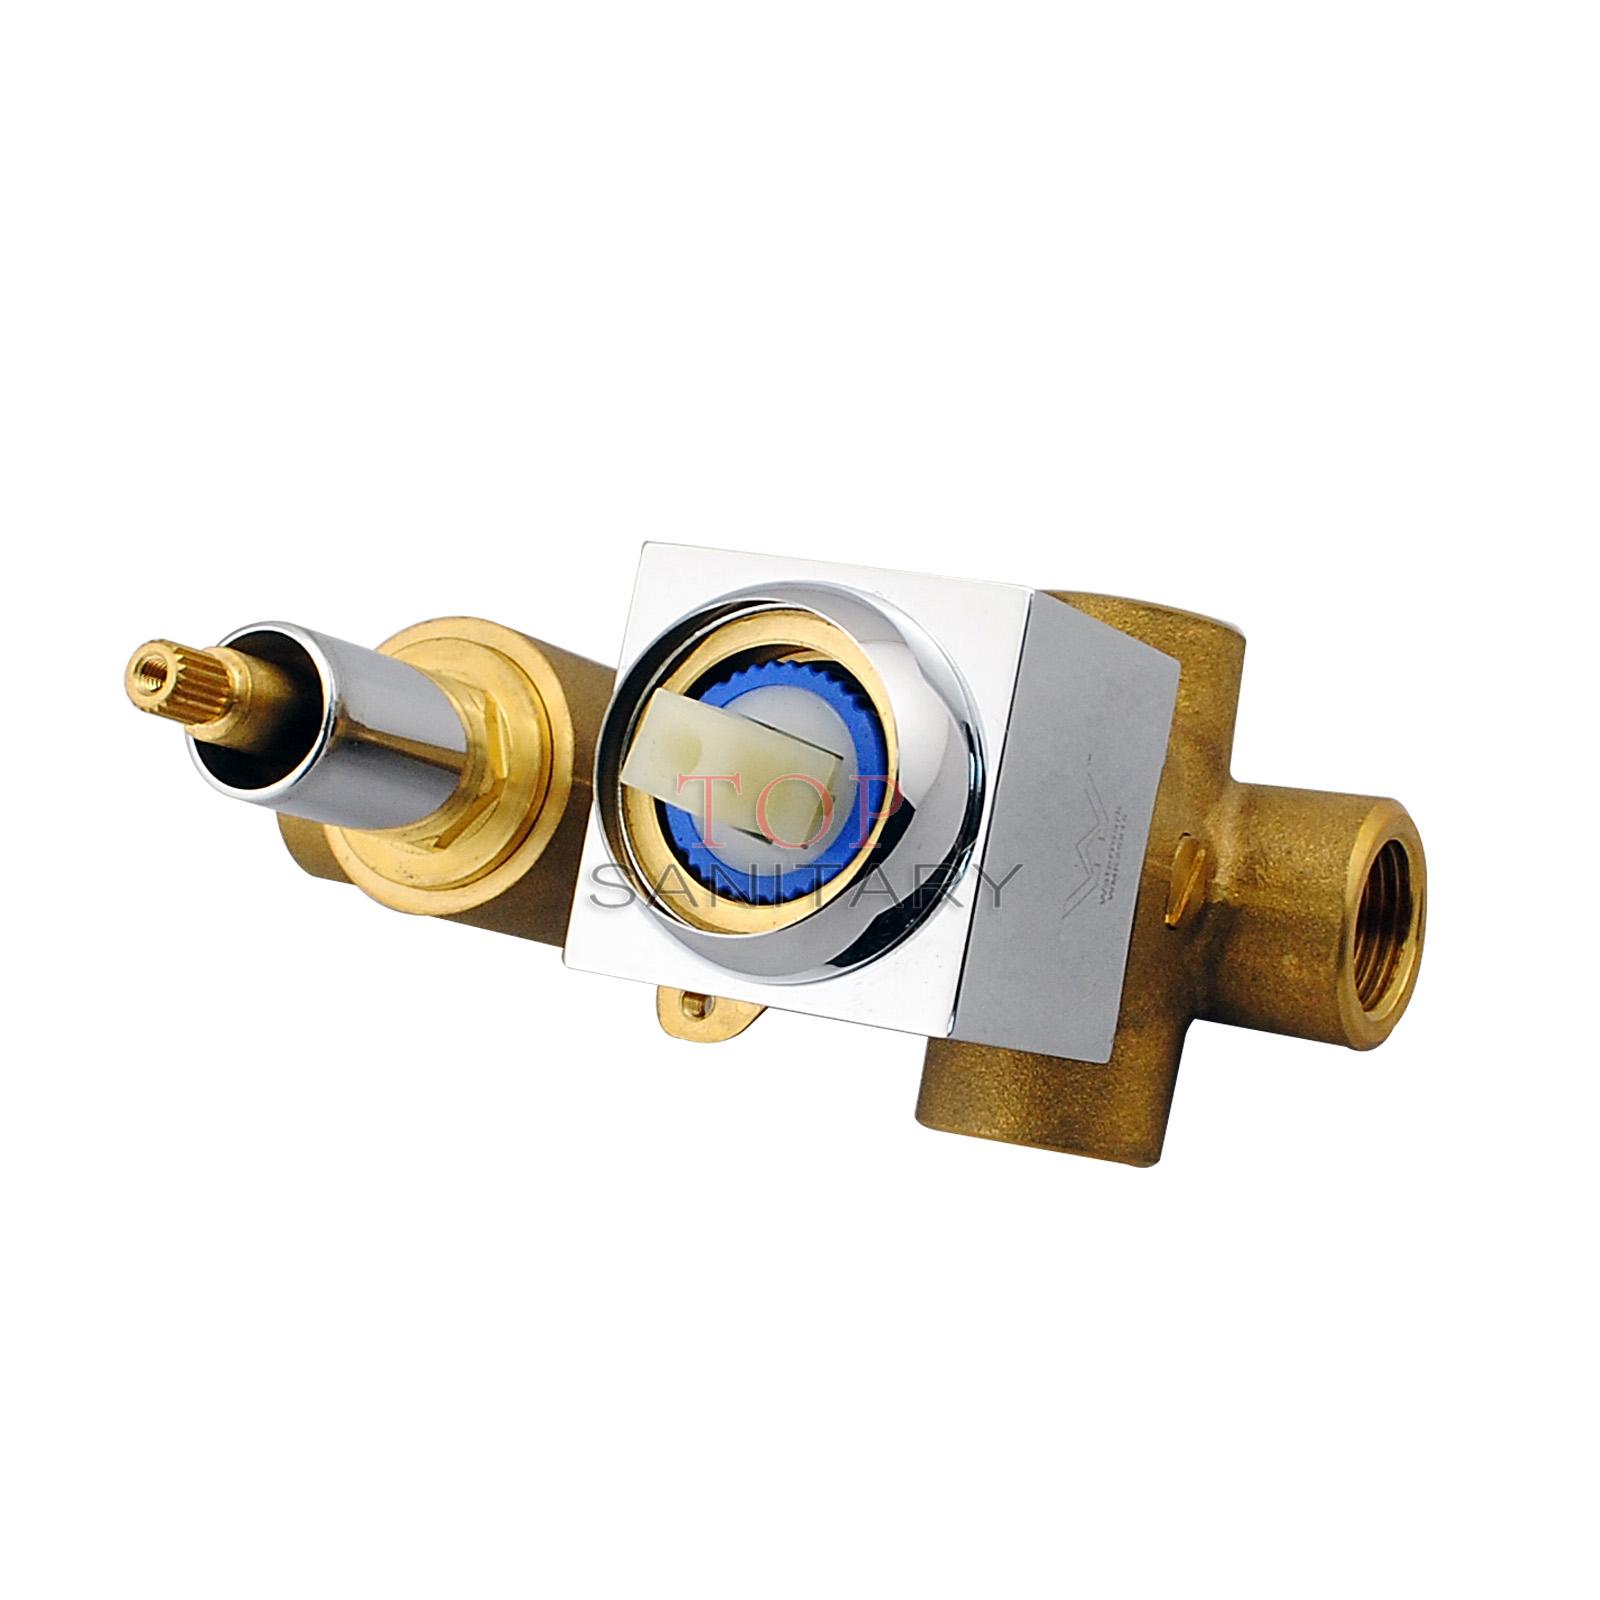 Square Diverter Mixer Tap Bath Water Outlet Spout Handheld